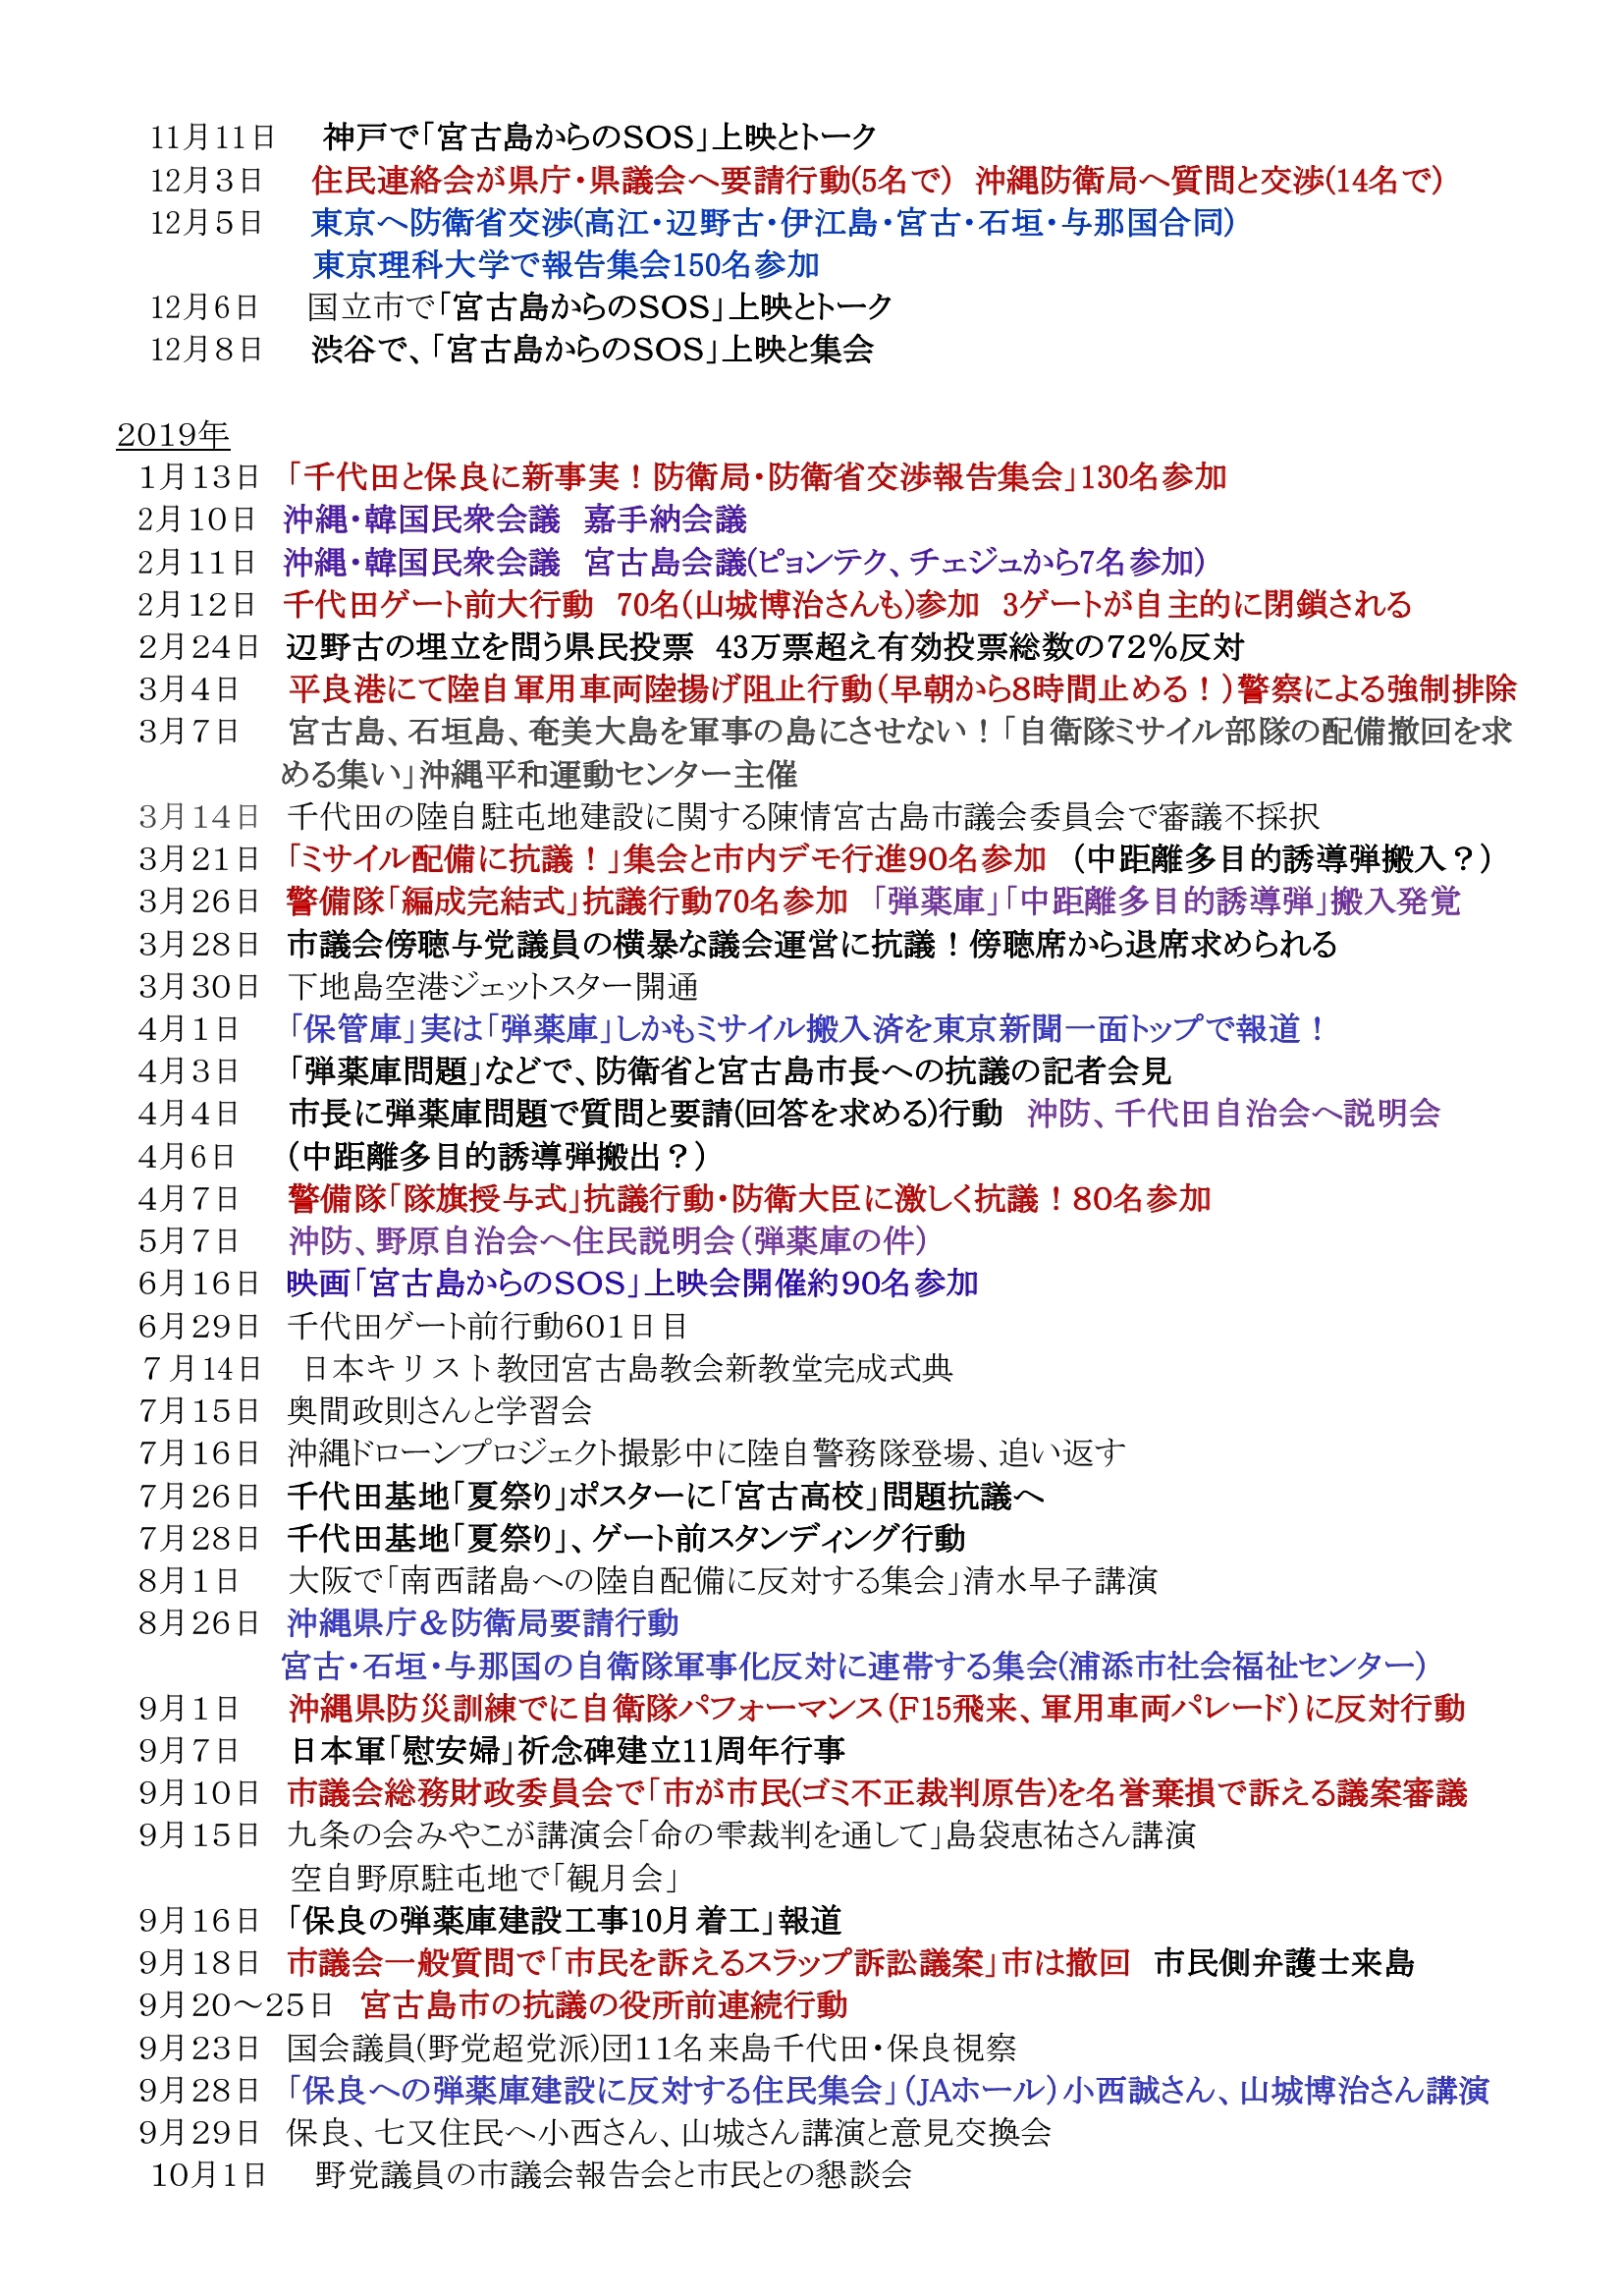 年表:宮古島における反軍反基地の闘い2010~2020 10